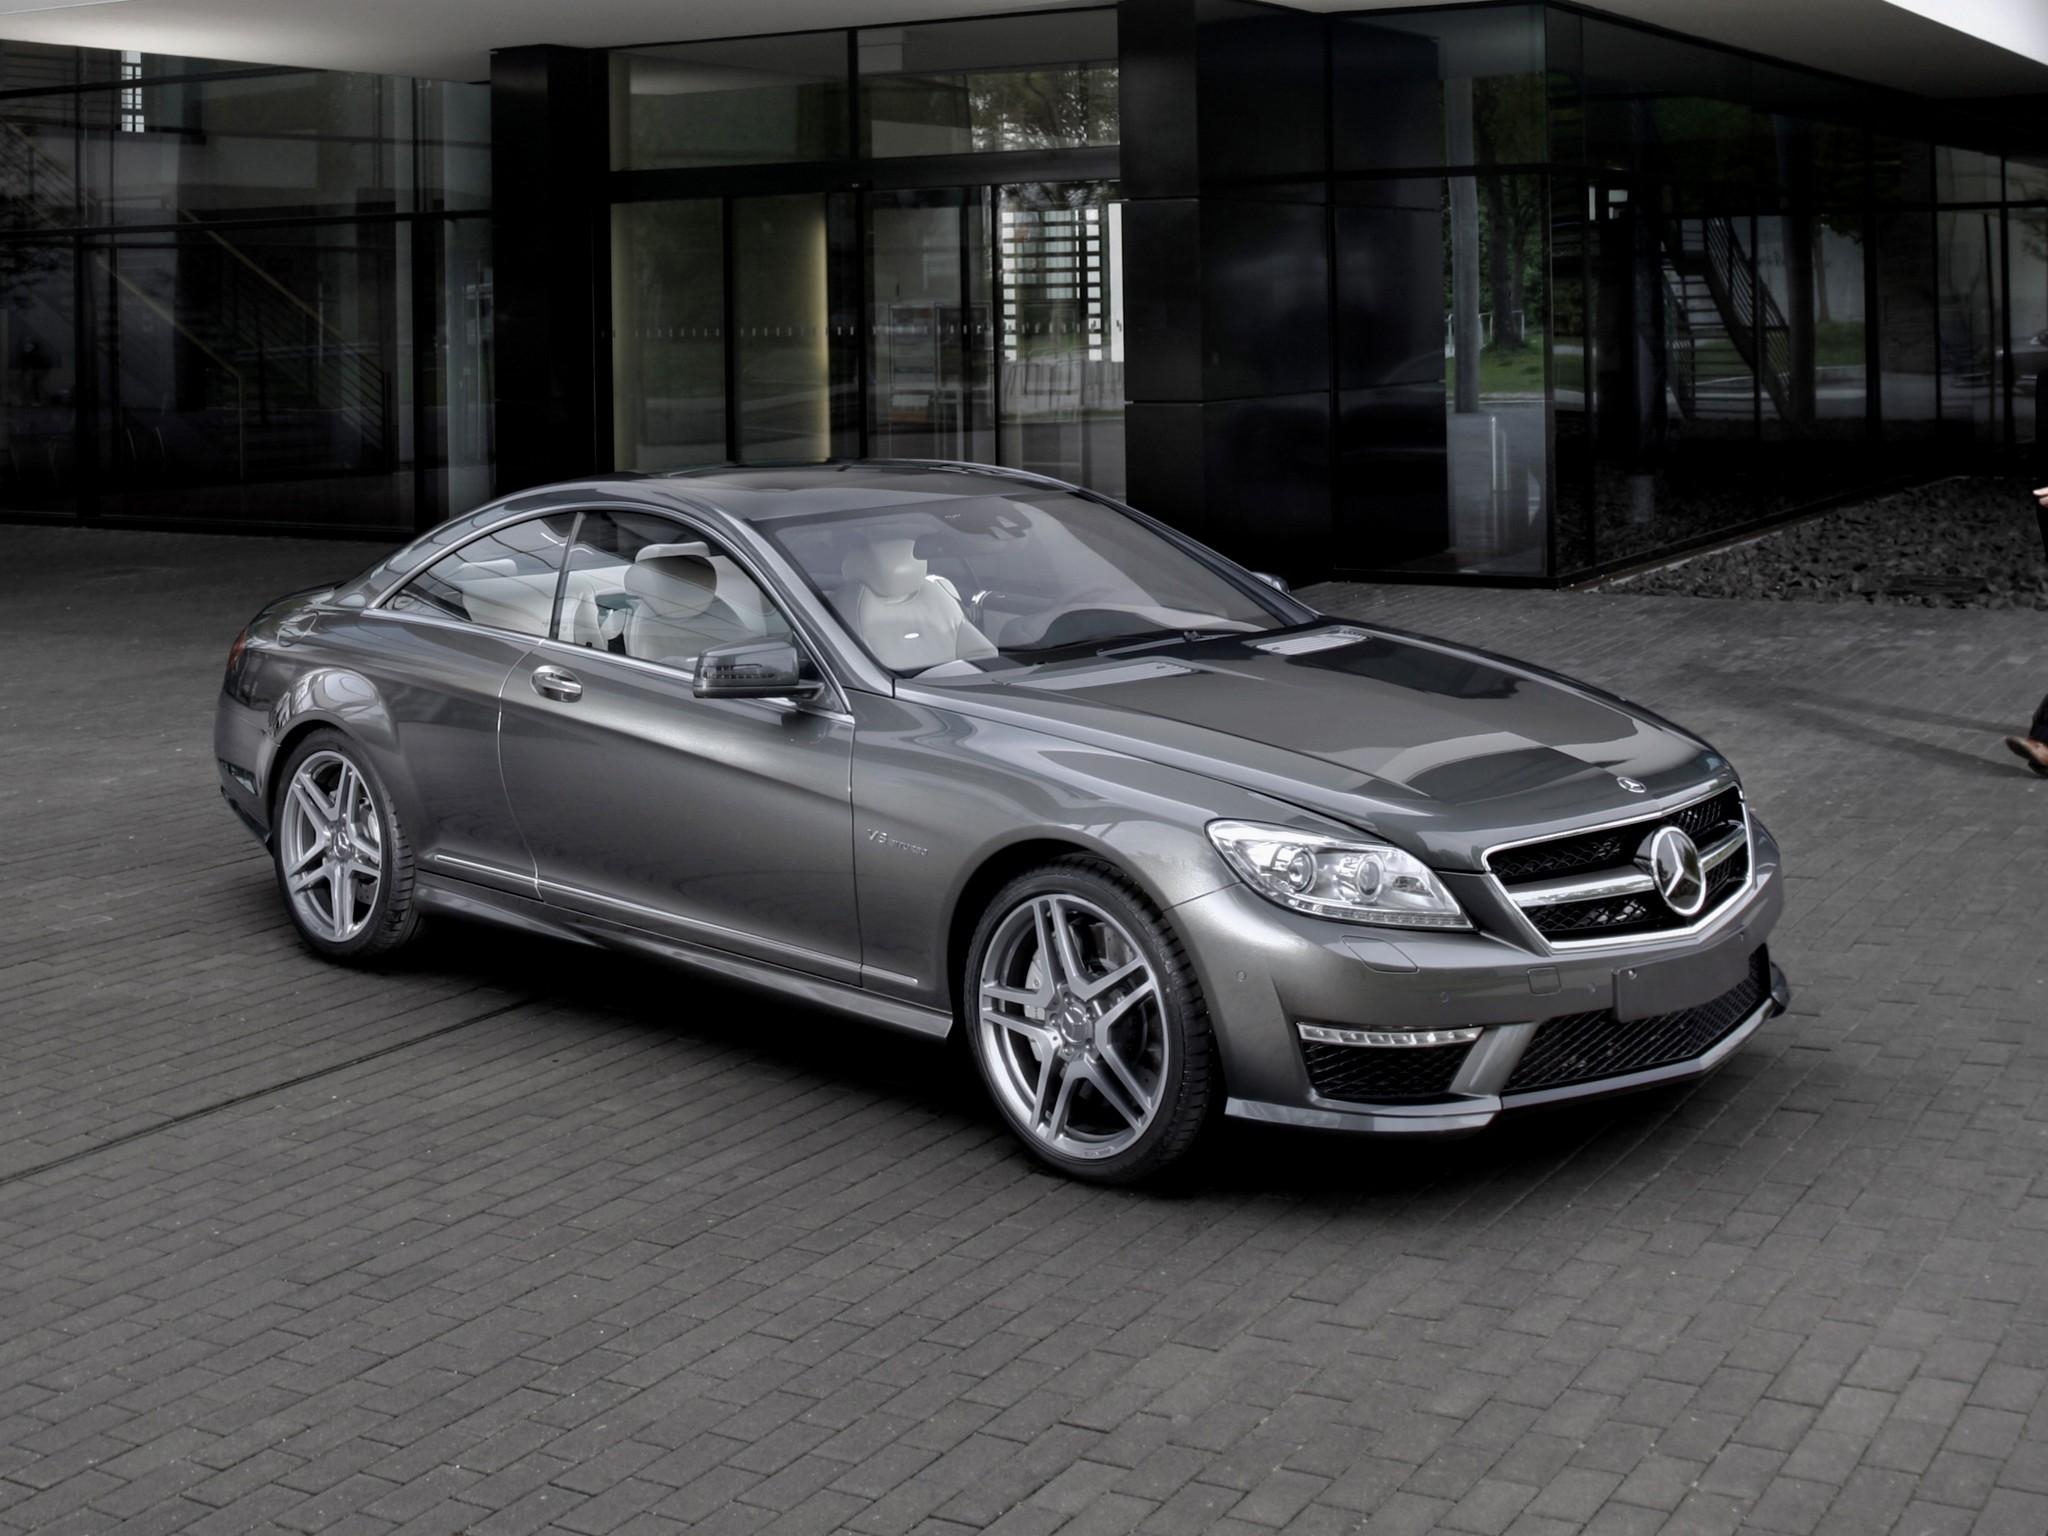 Mercedes-Benz CL-klasse AMG II (C216) 2006 - 2010 Coupe-Hardtop #5